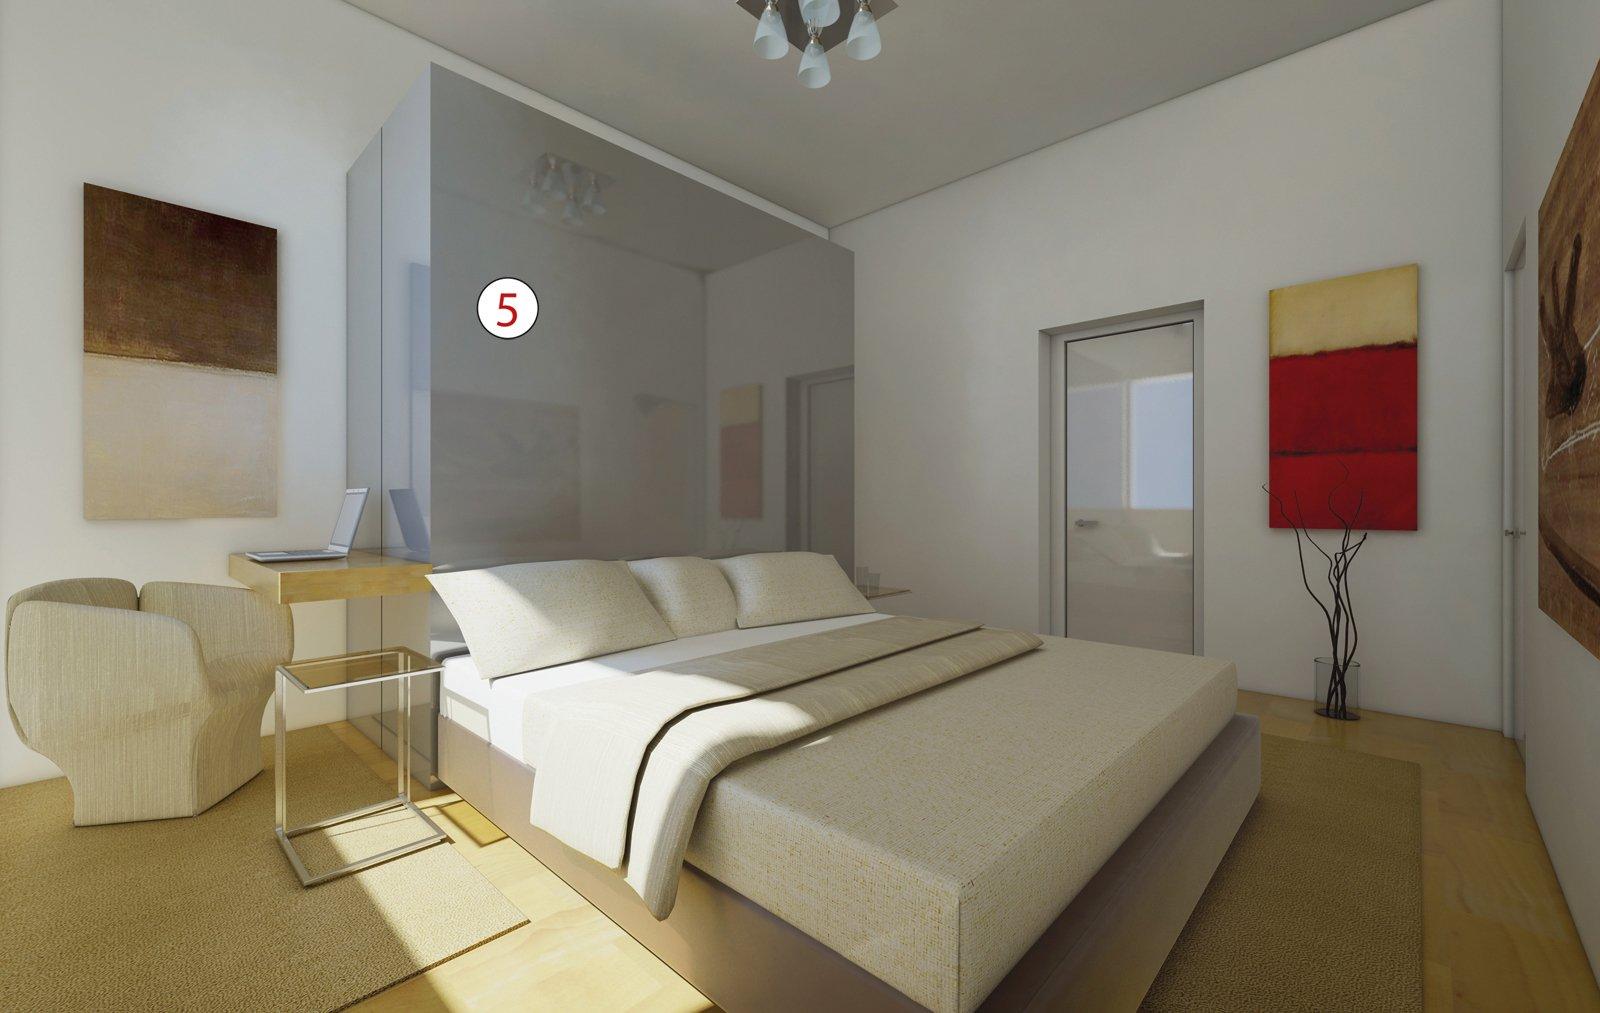 Tante idee per migliorare casa focus sulla zona notte cose di casa - Idee armadio camera da letto ...